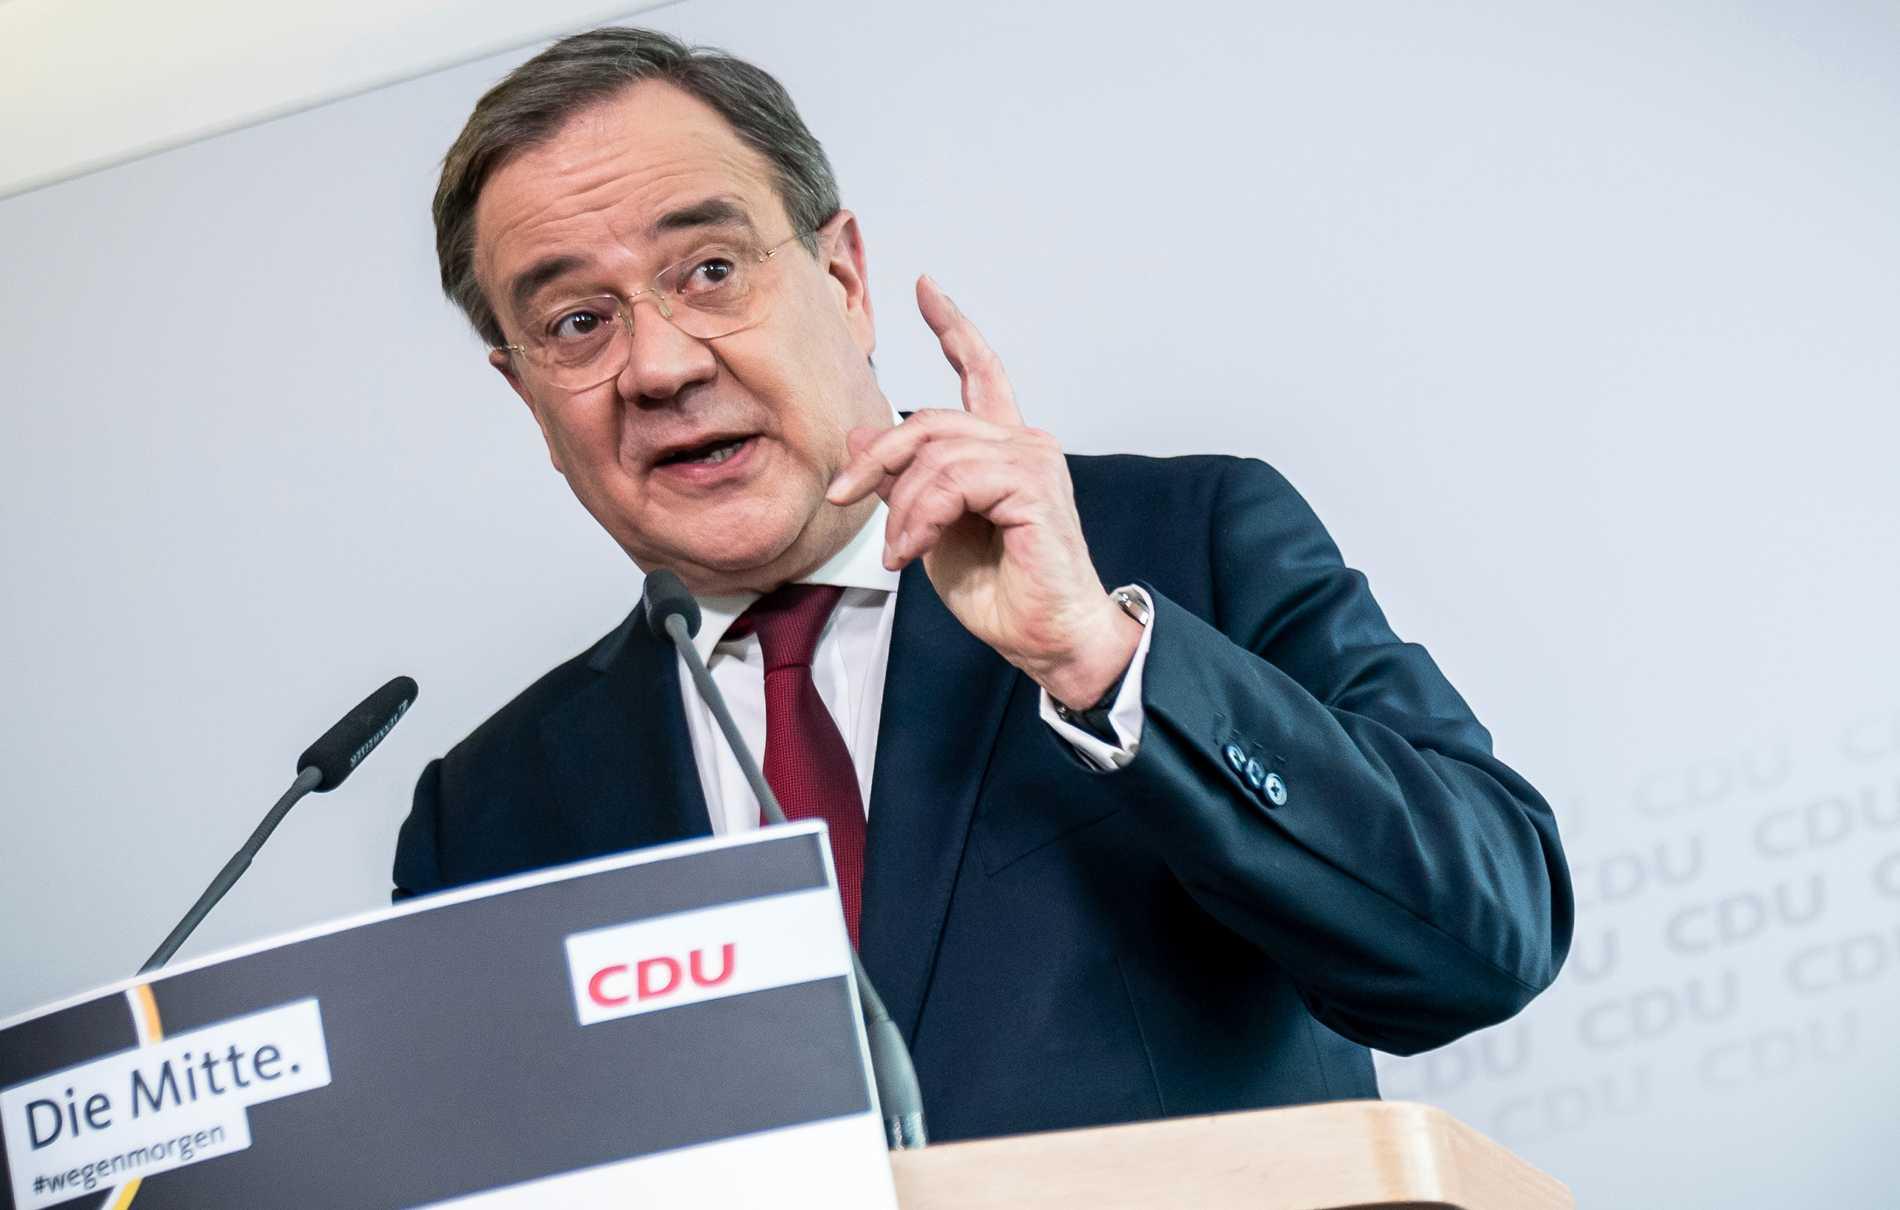 CDU-ledaren Armin Laschet.